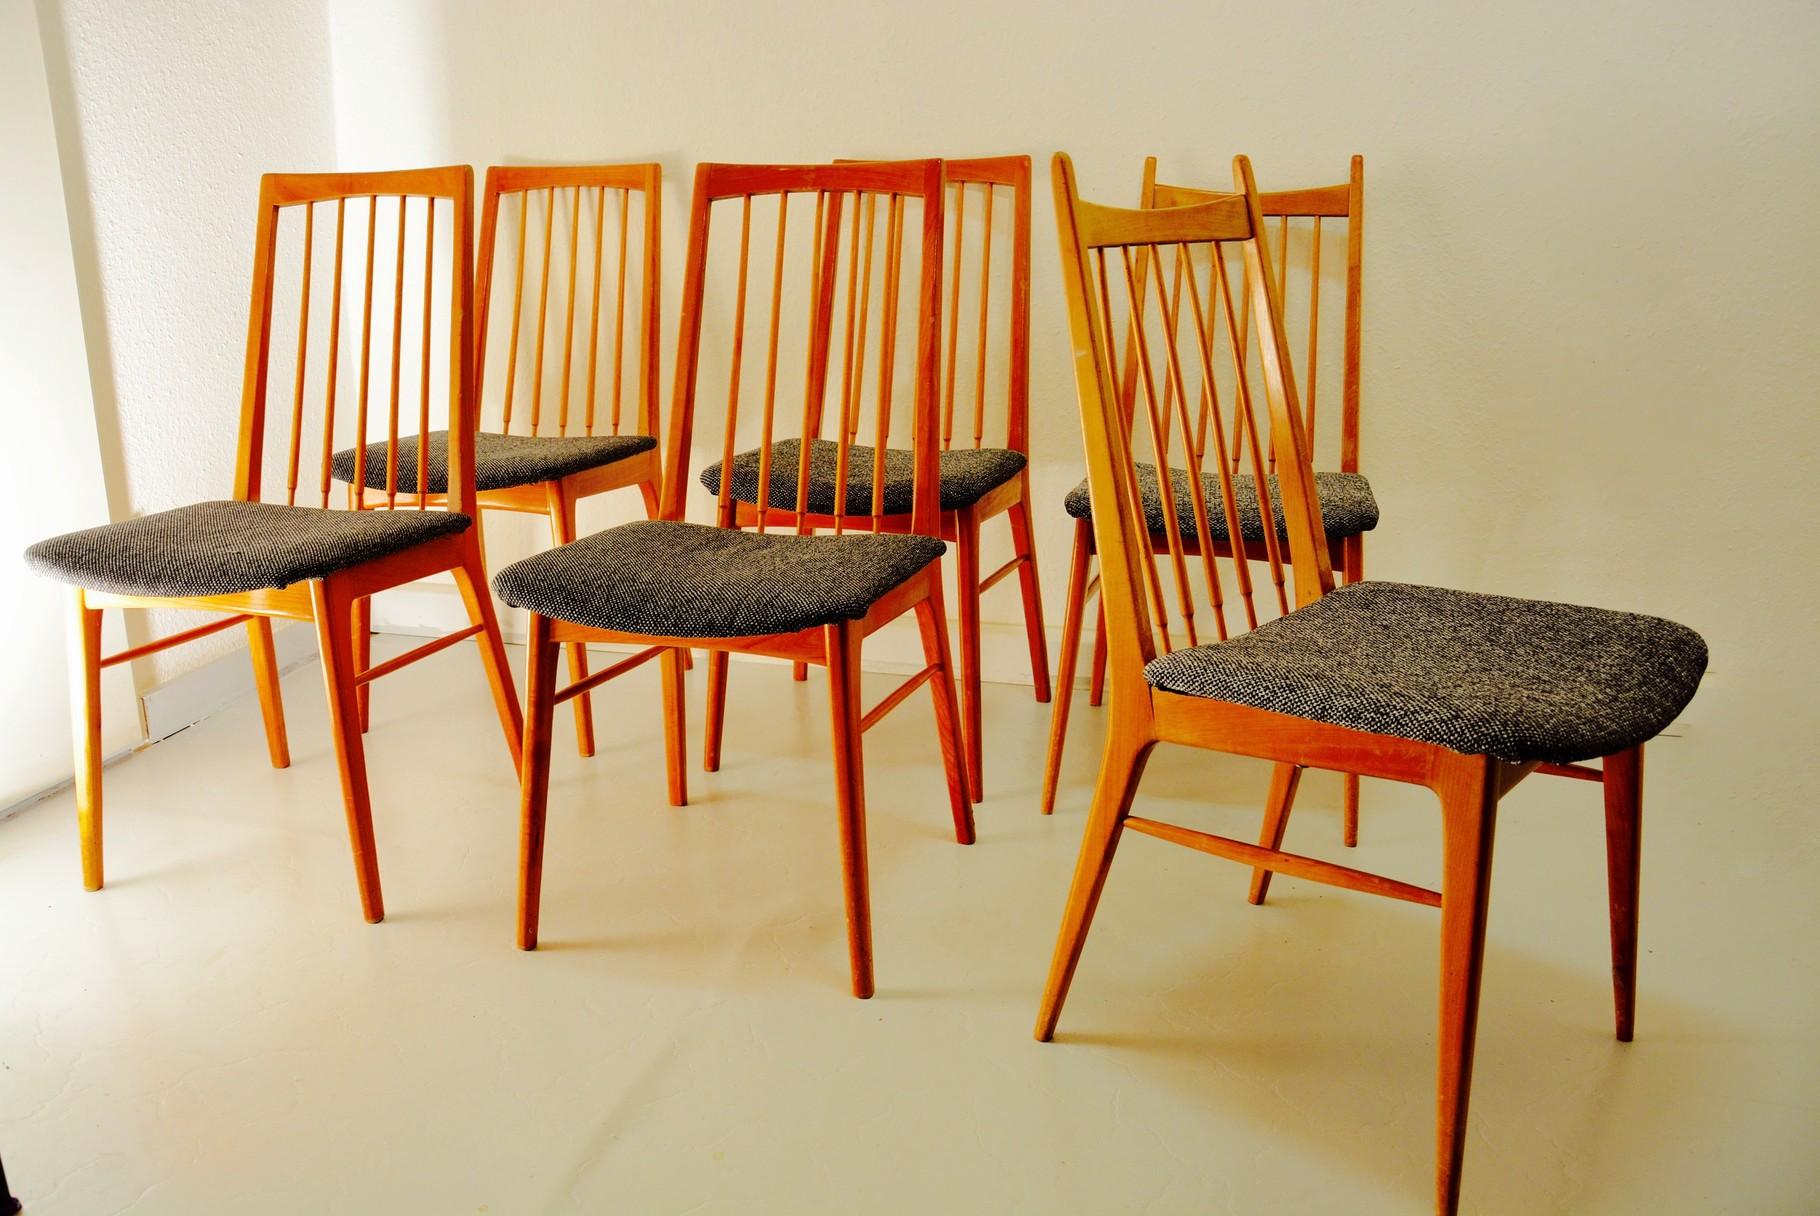 60er Design Mobel ~ poipuview.com